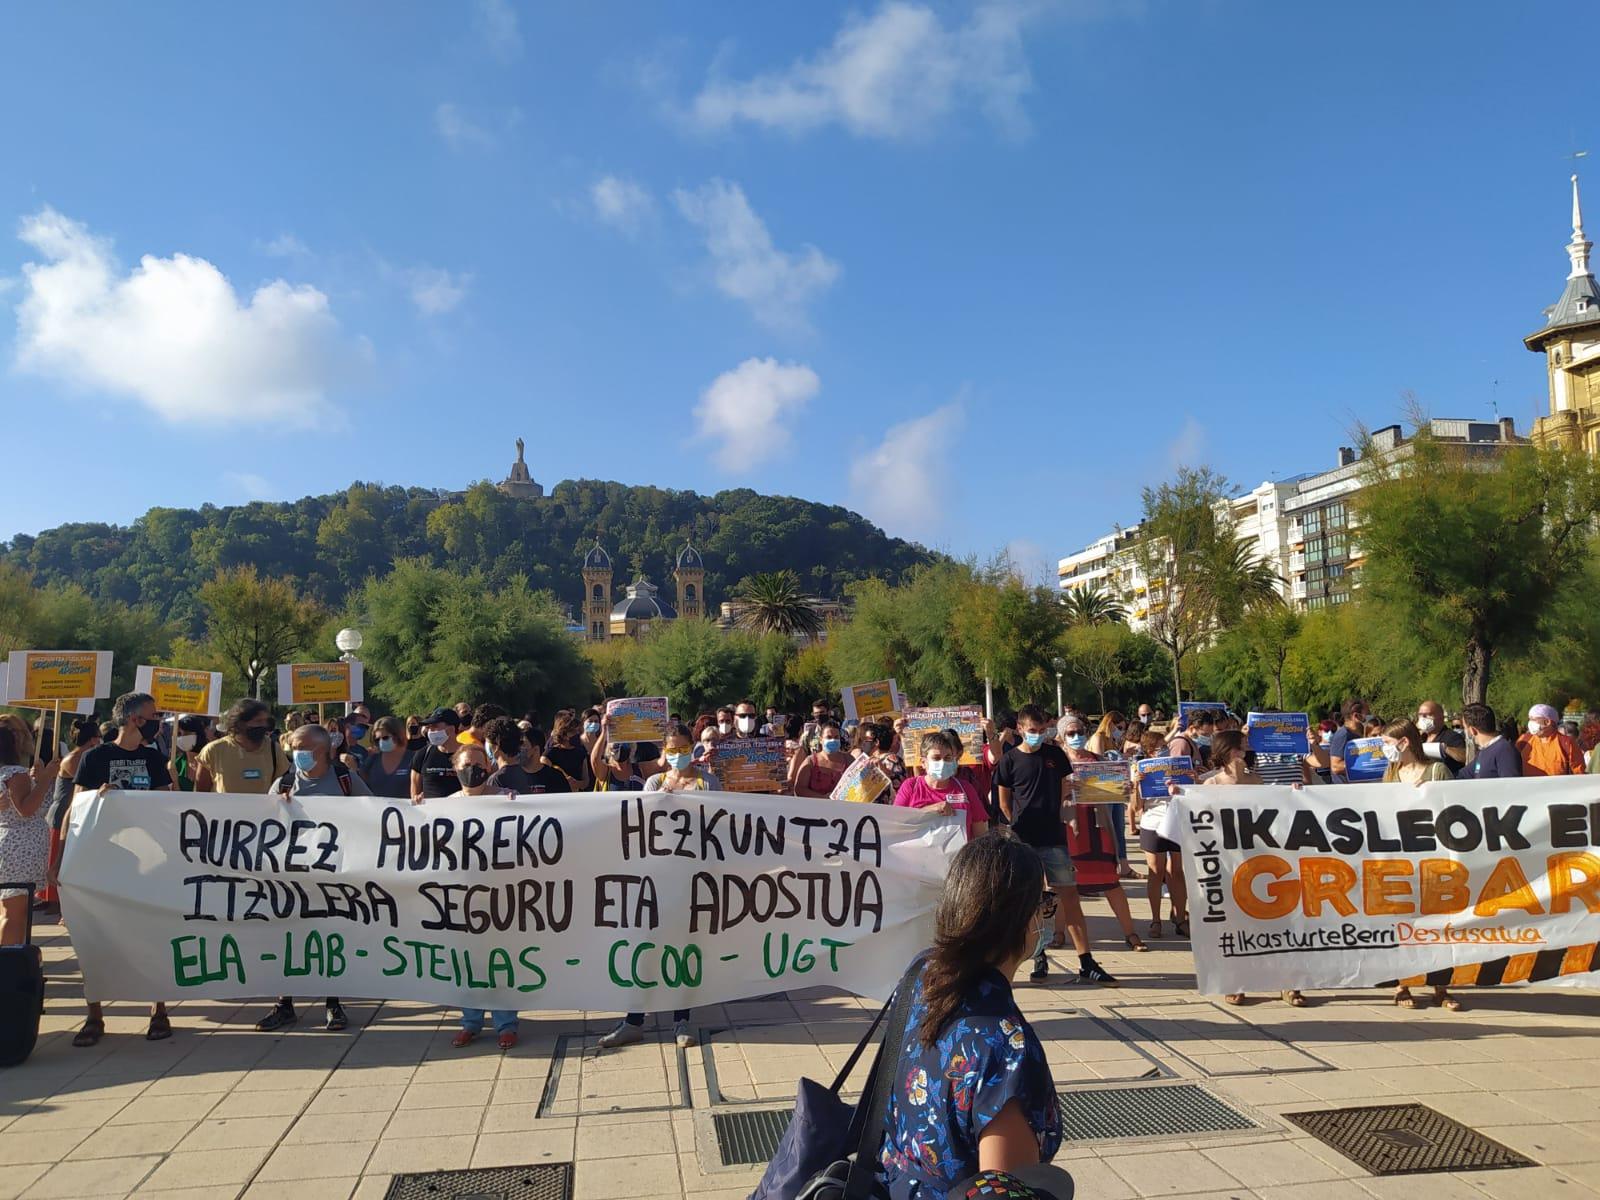 Manifestación ayer en Donostia por el inicio del curso escolar. Fotos: Edurne Chocarro